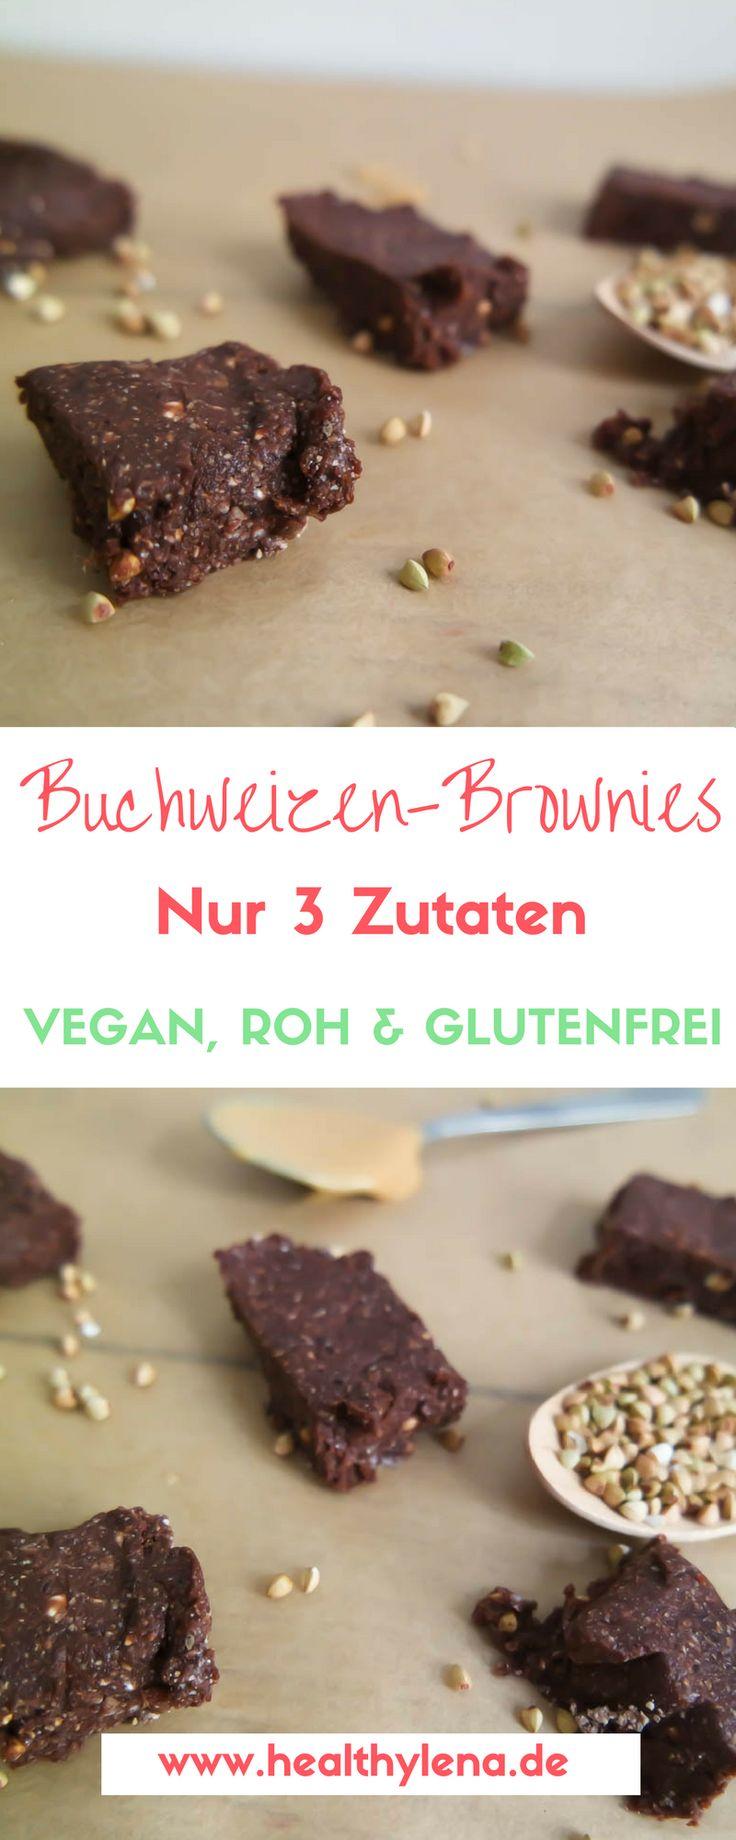 Rohe Buchweizen-Brownies - vegan, glutenfrei & fettarm - gesund naschen - mit nur 3 Zutaten #healthy #brownies #rohkost #lecker #schnell #einfach #healthylena #schoko #fudge #dessert #süß